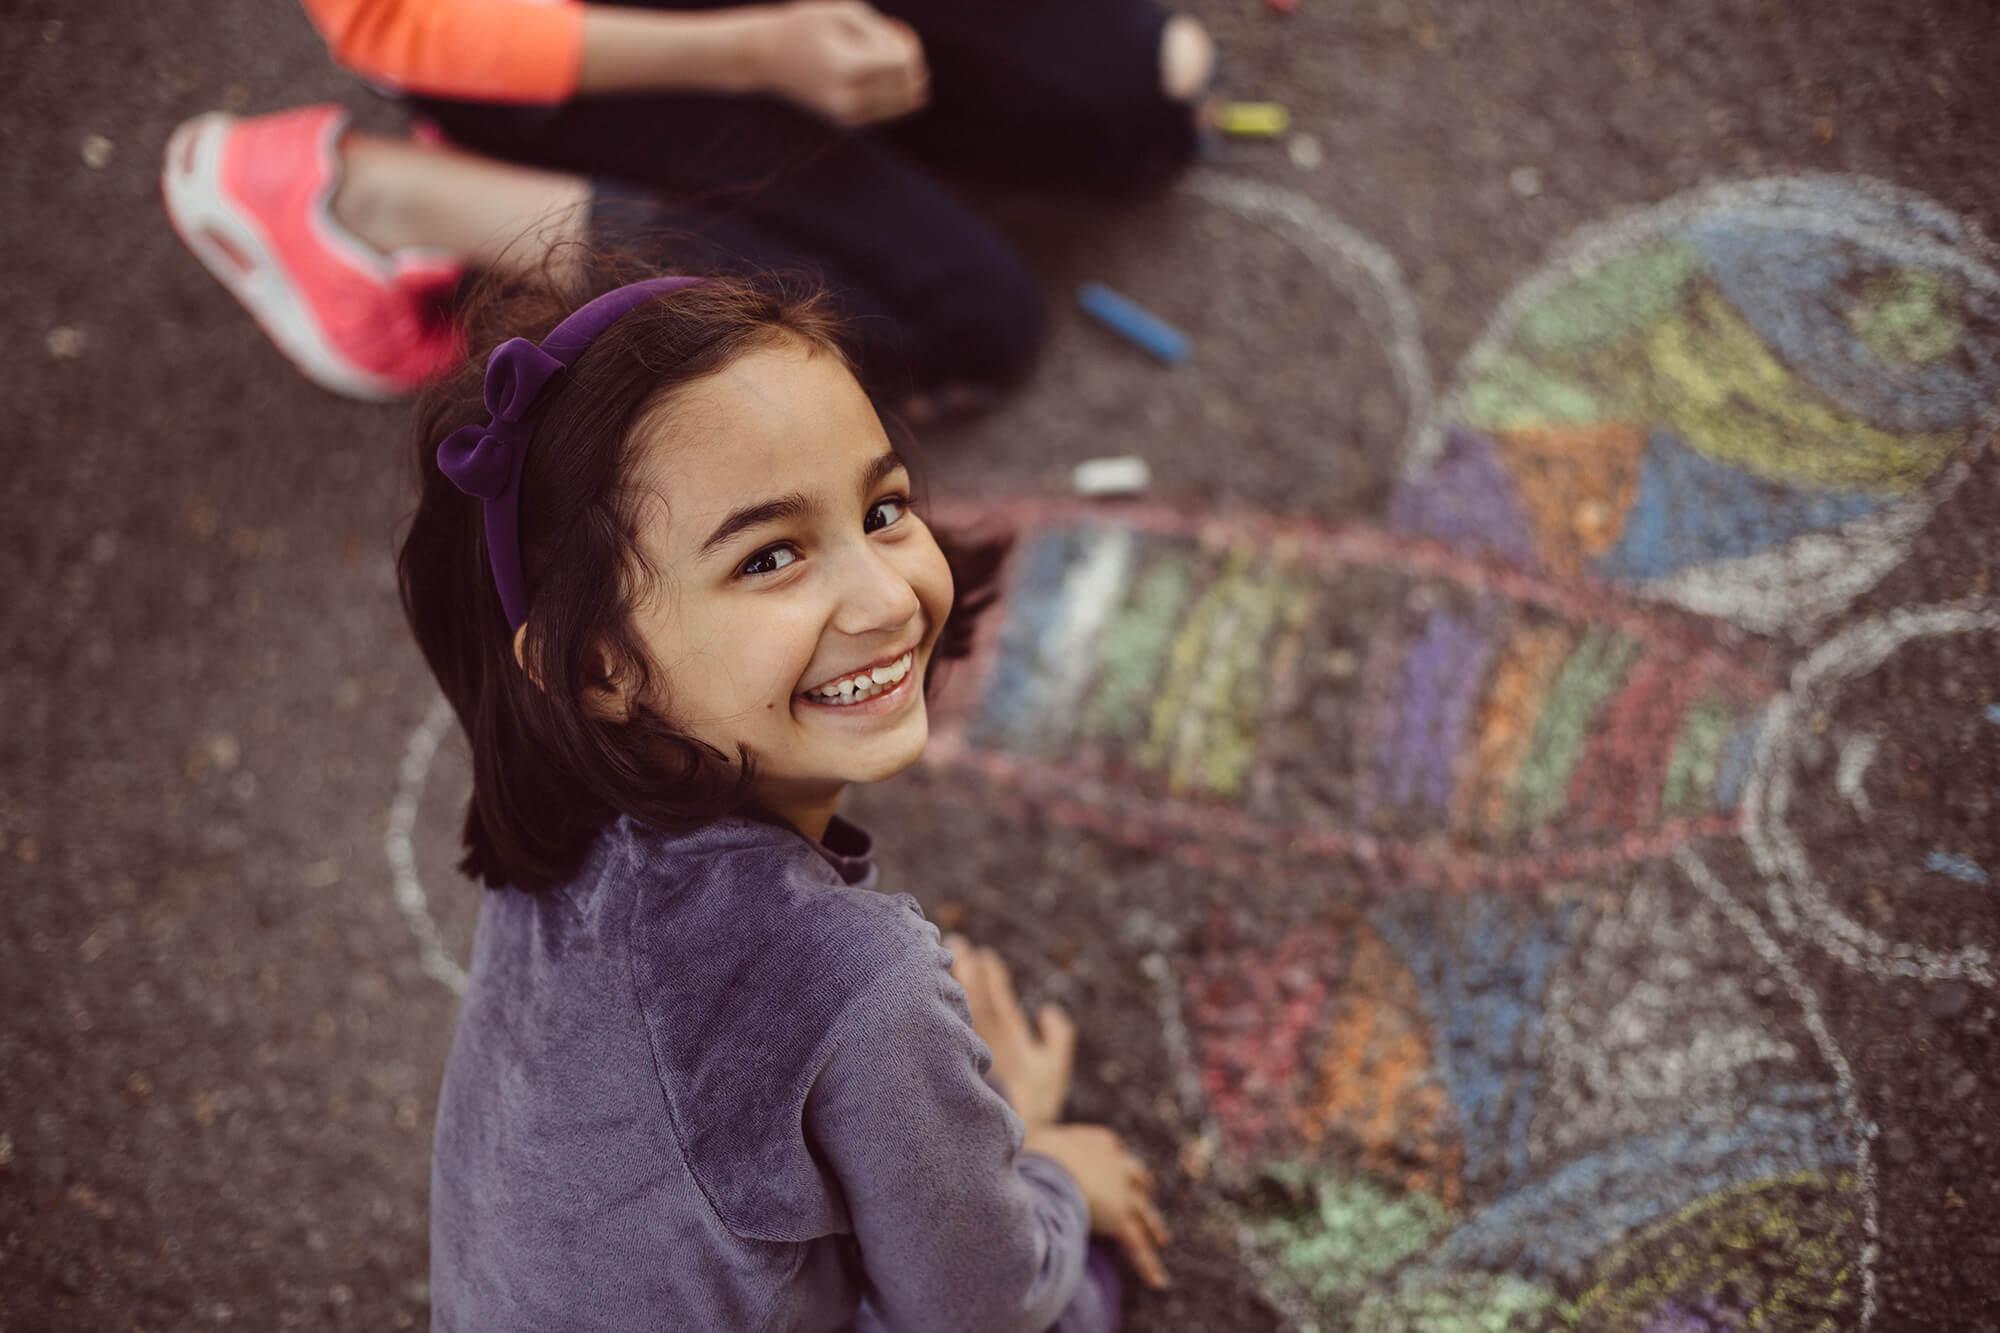 En pige er i gang med at tegne med kridt på asfalten og smiler til kameraet